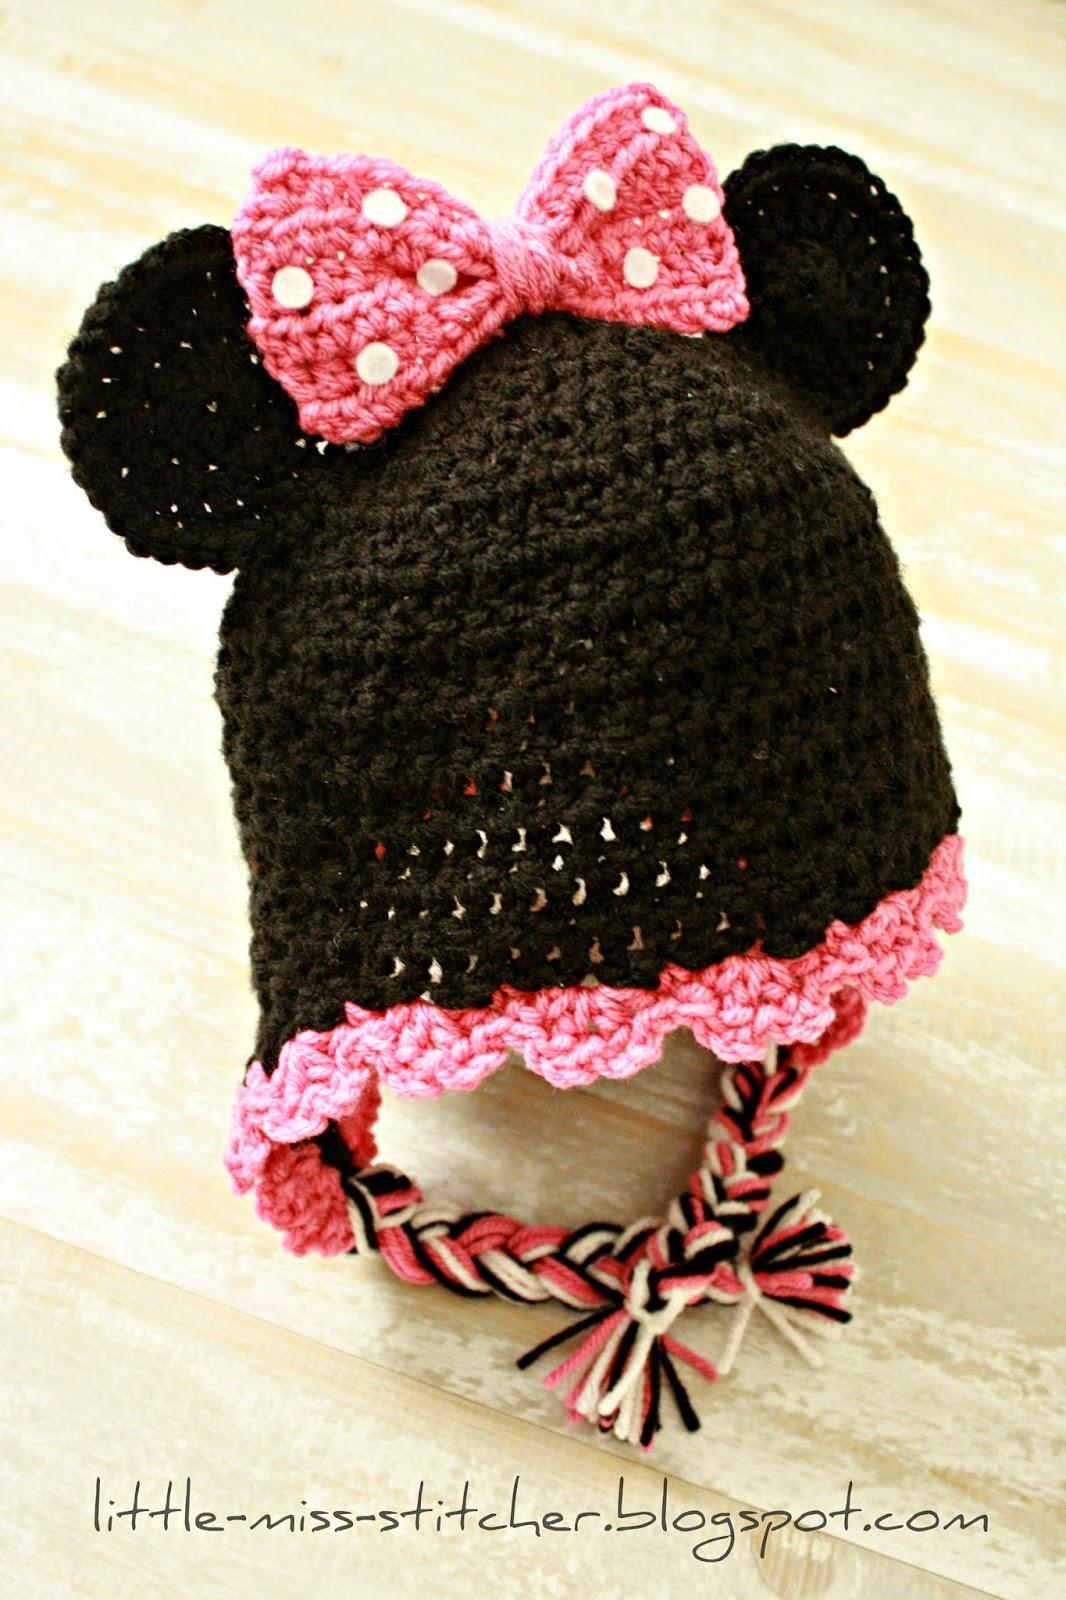 http://little-miss-stitcher.blogspot.com/2013/11/toddler-crochet-minnie-mouse-earflap-hat.html